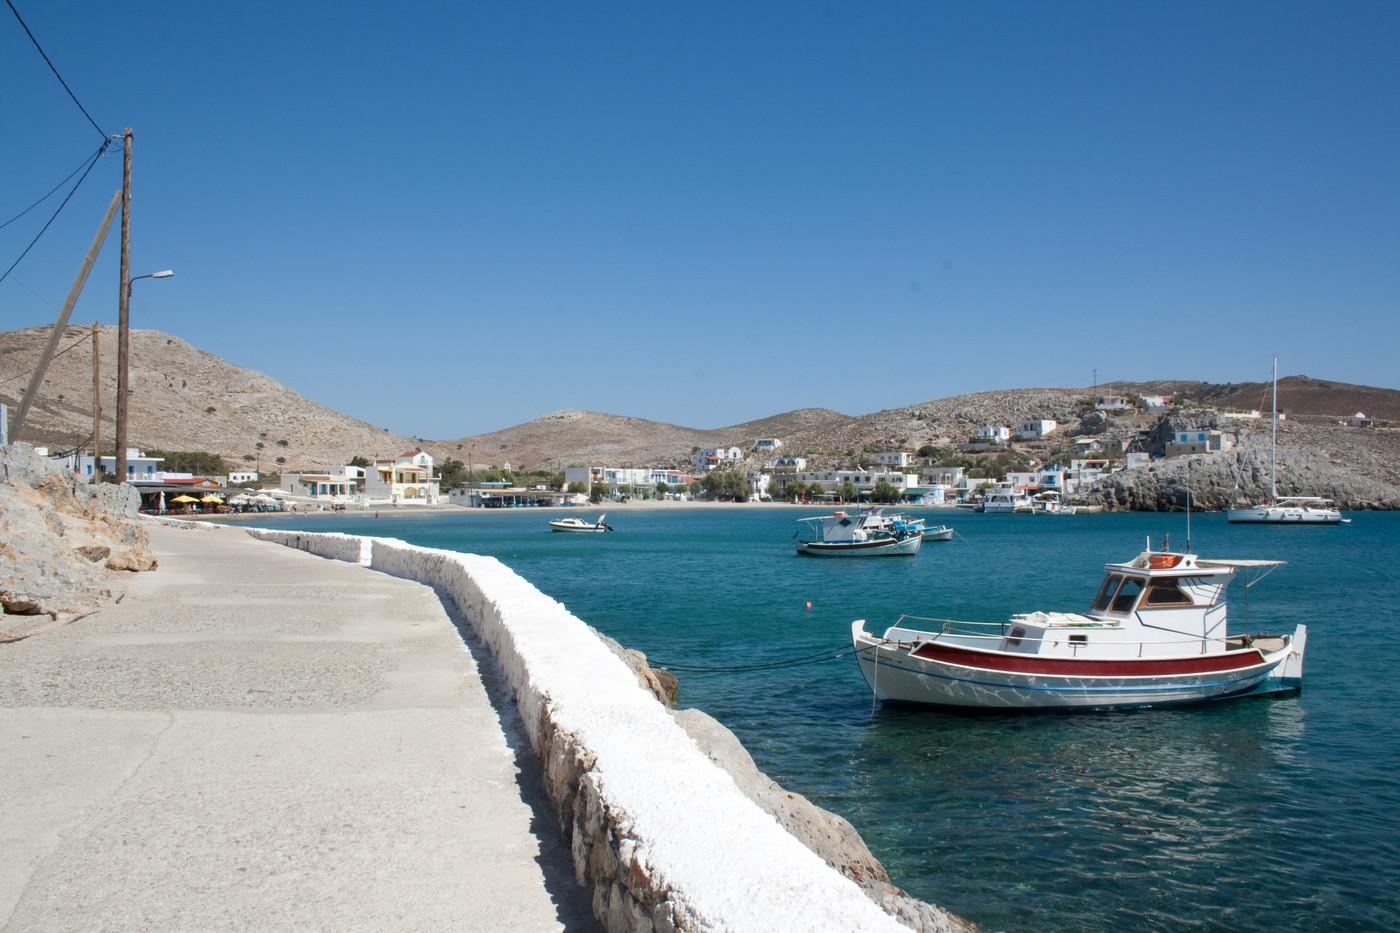 Kreikan meri. Meri Kreikan.